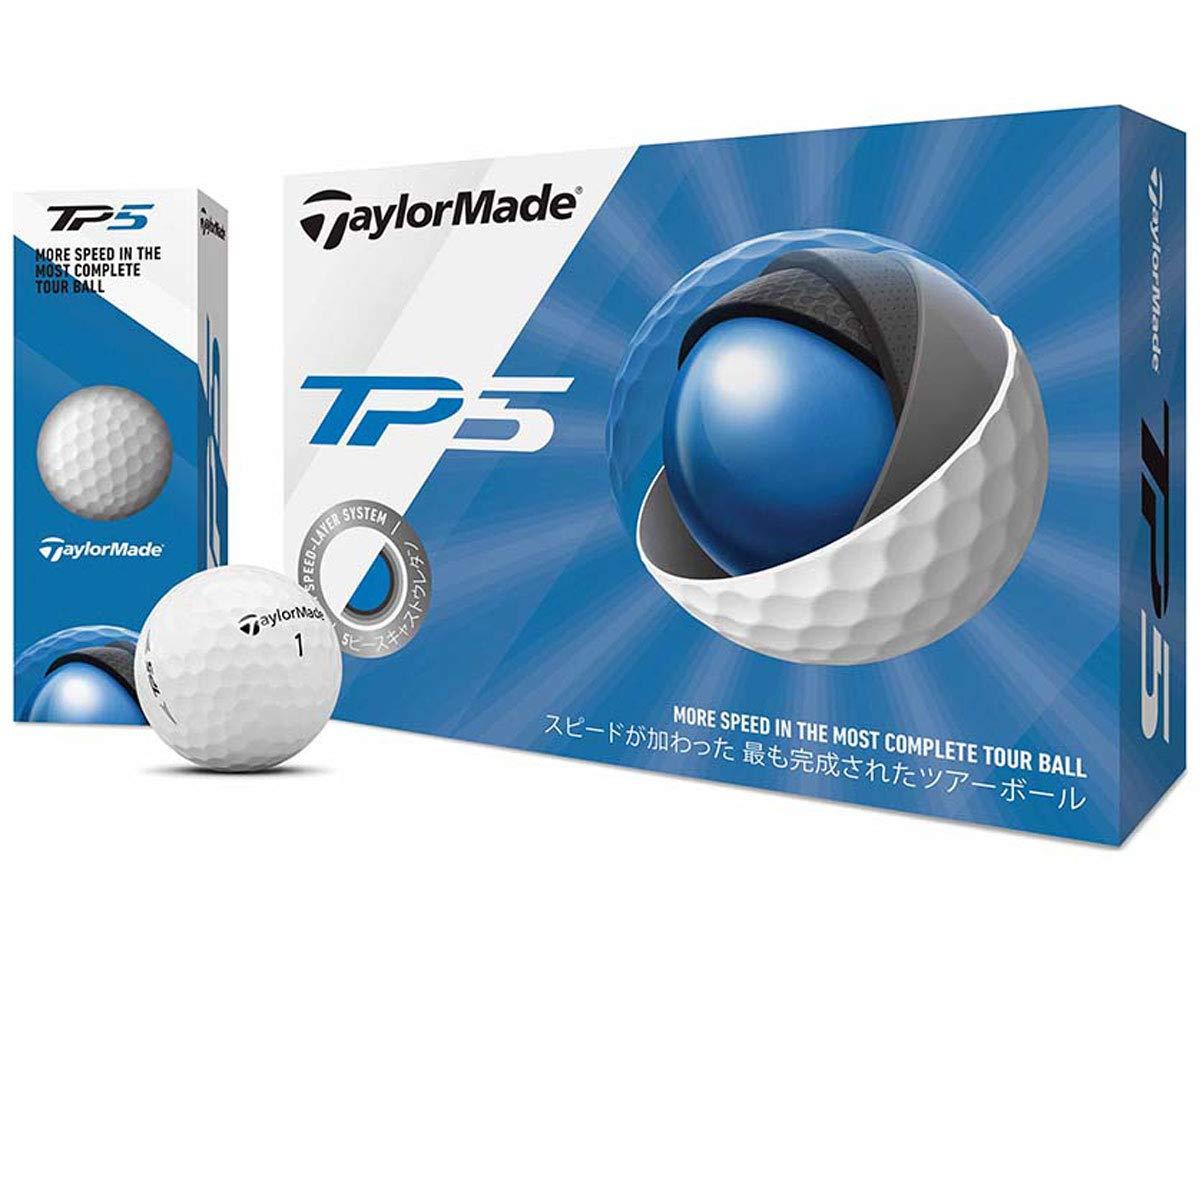 テーラーメイド TP ボール TP5 ボール 3ダースセット 3ダース(36個入り)  ホワイト B07PPLPL7K